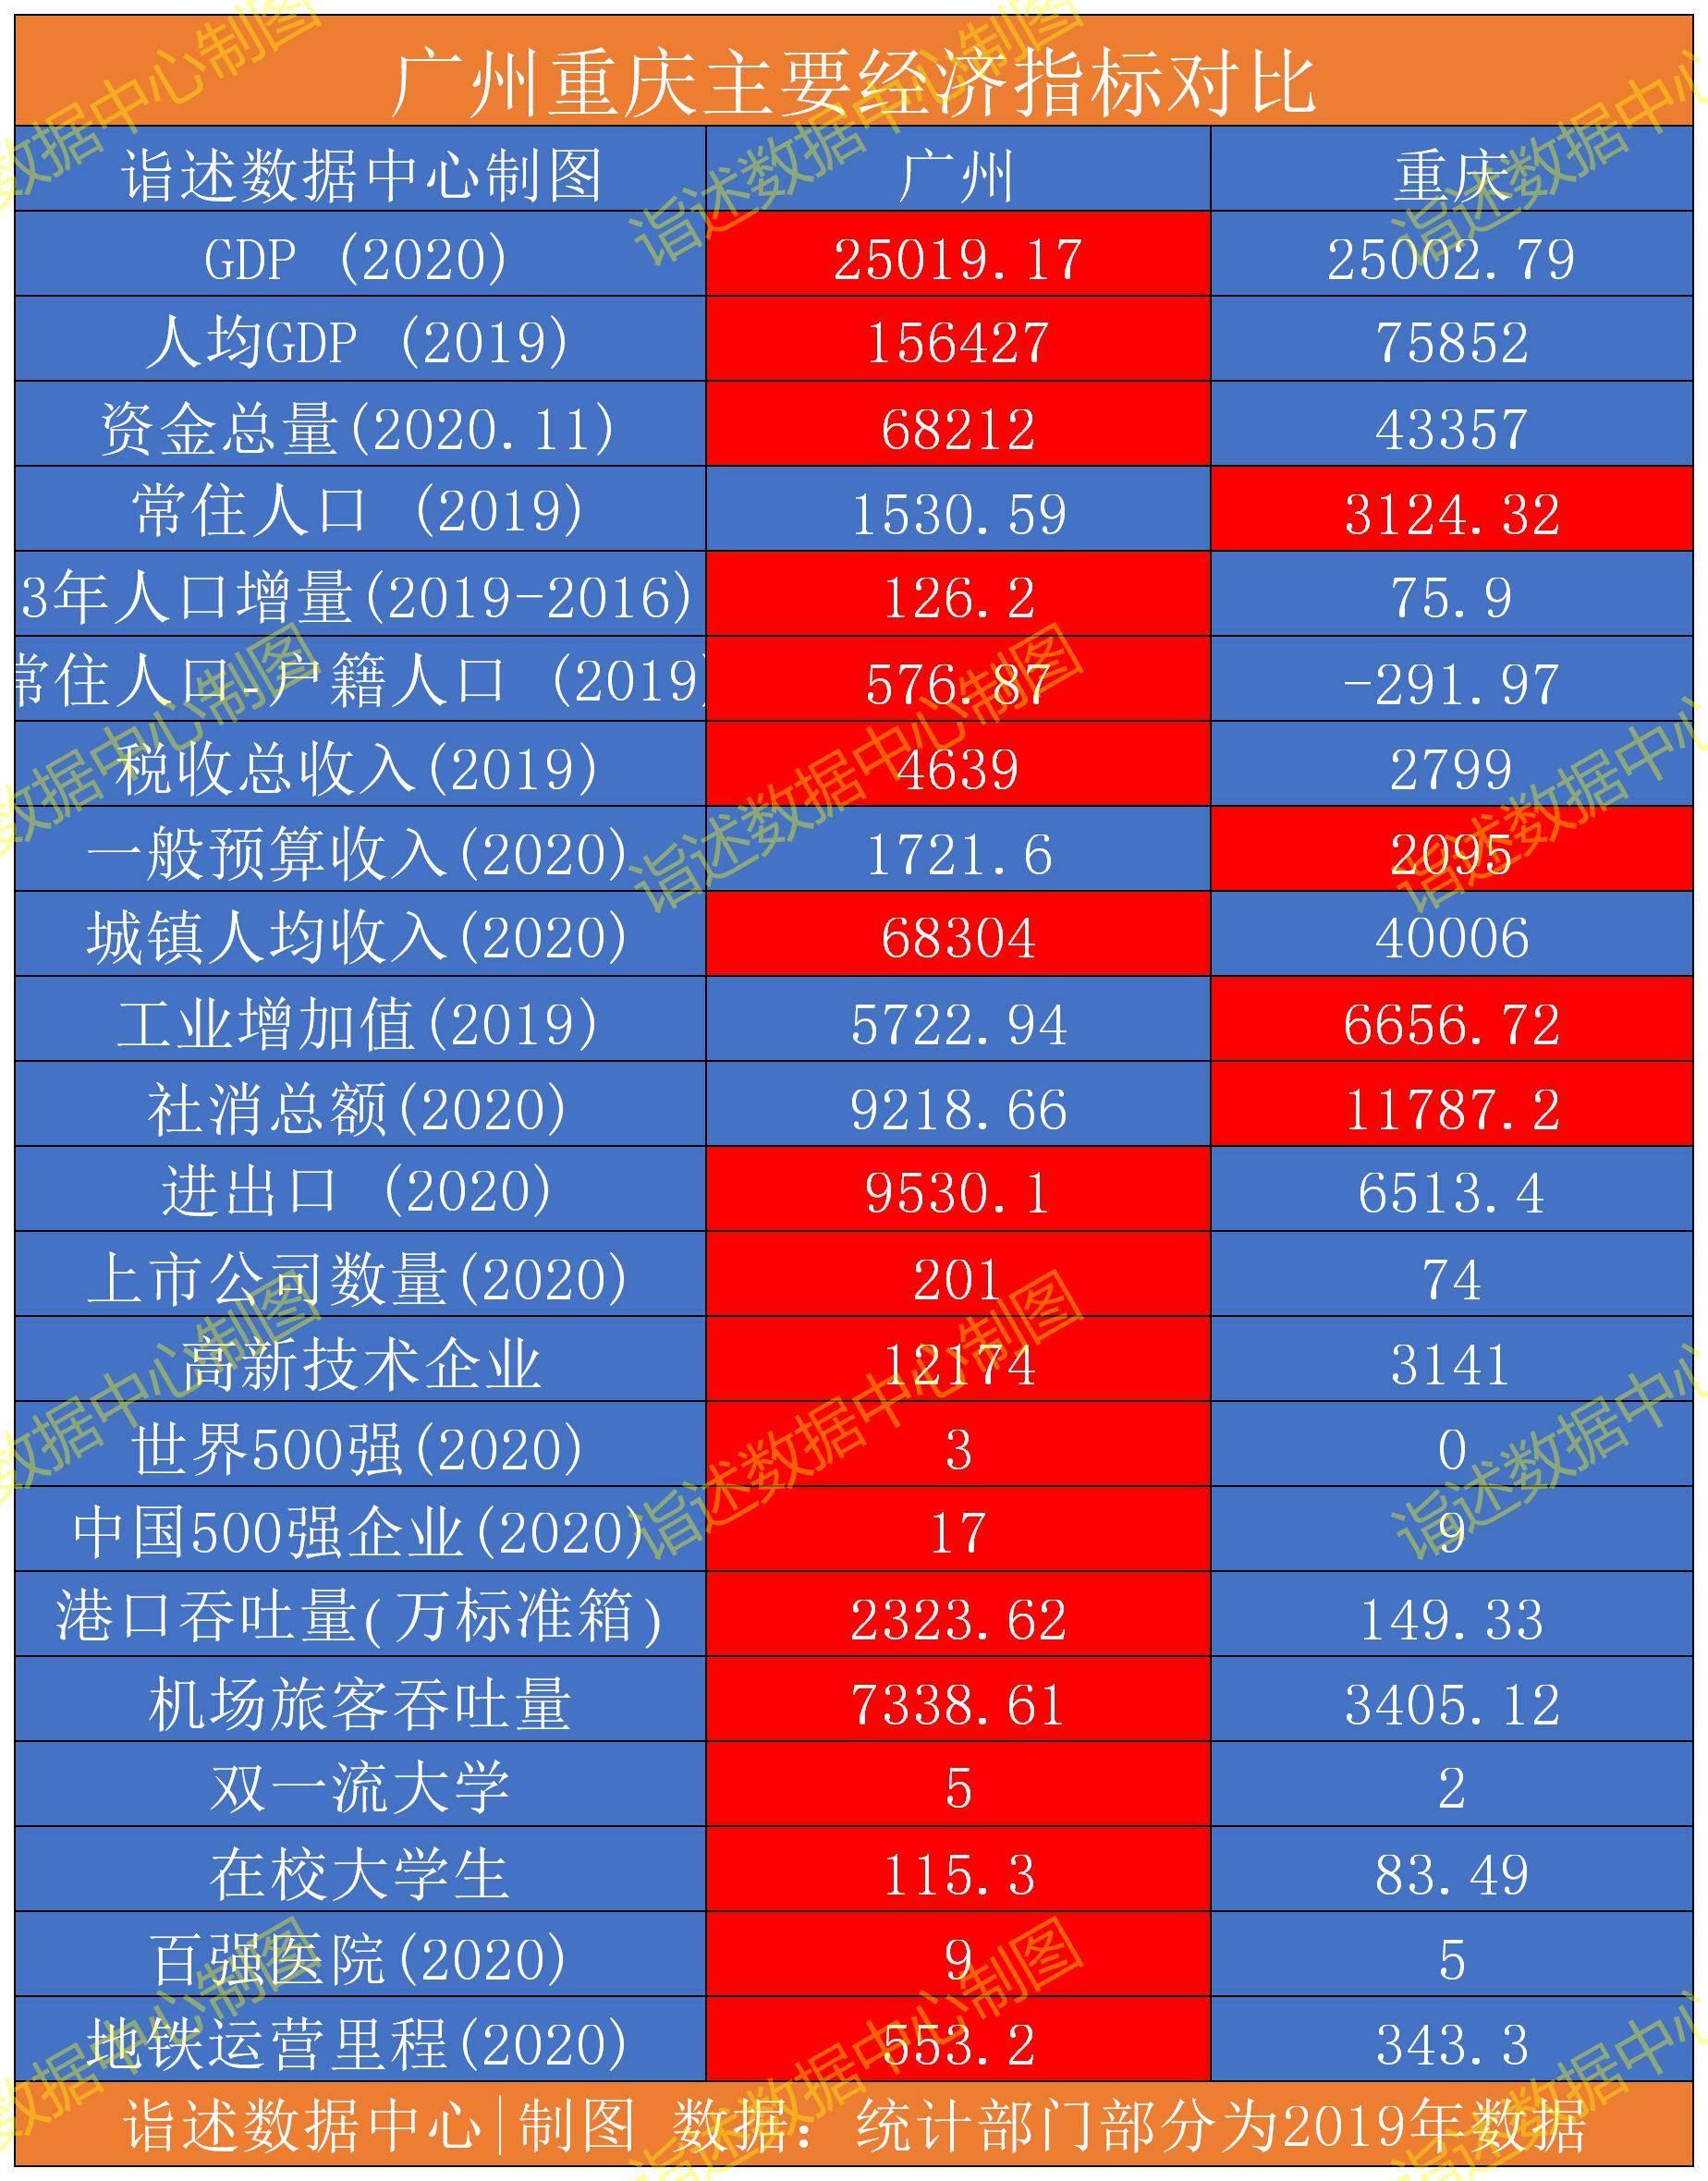 重庆的gdp排名2020年_2020年世界gdp排名